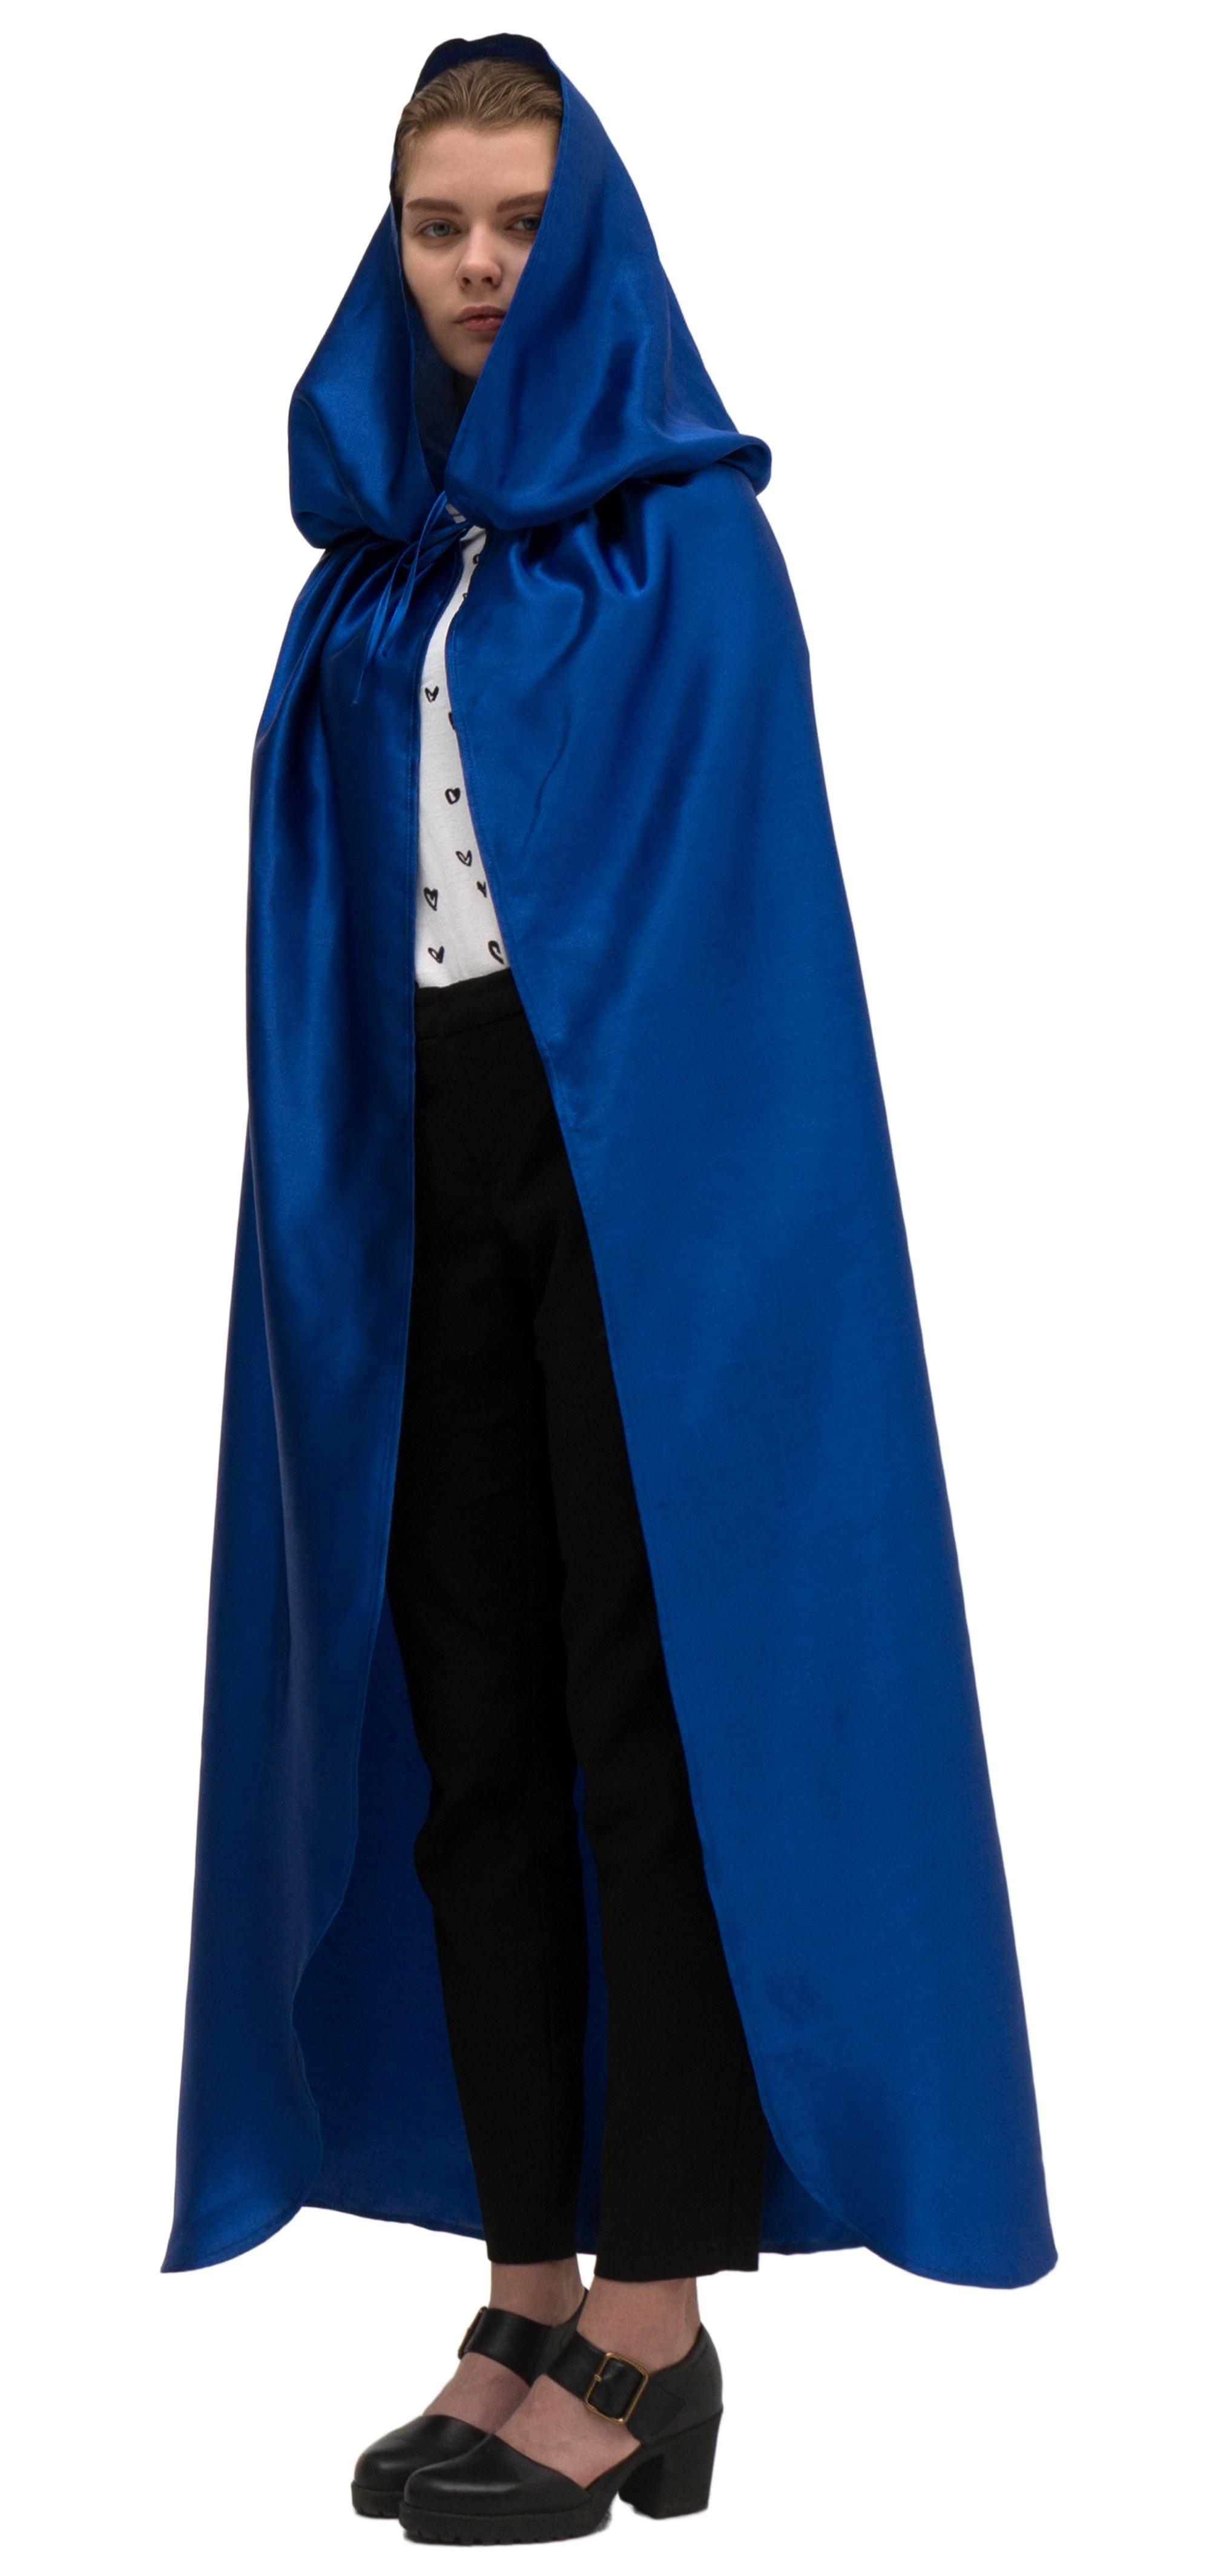 Купить Синий атласный плащ с капюшоном Птица Феникс p1006,